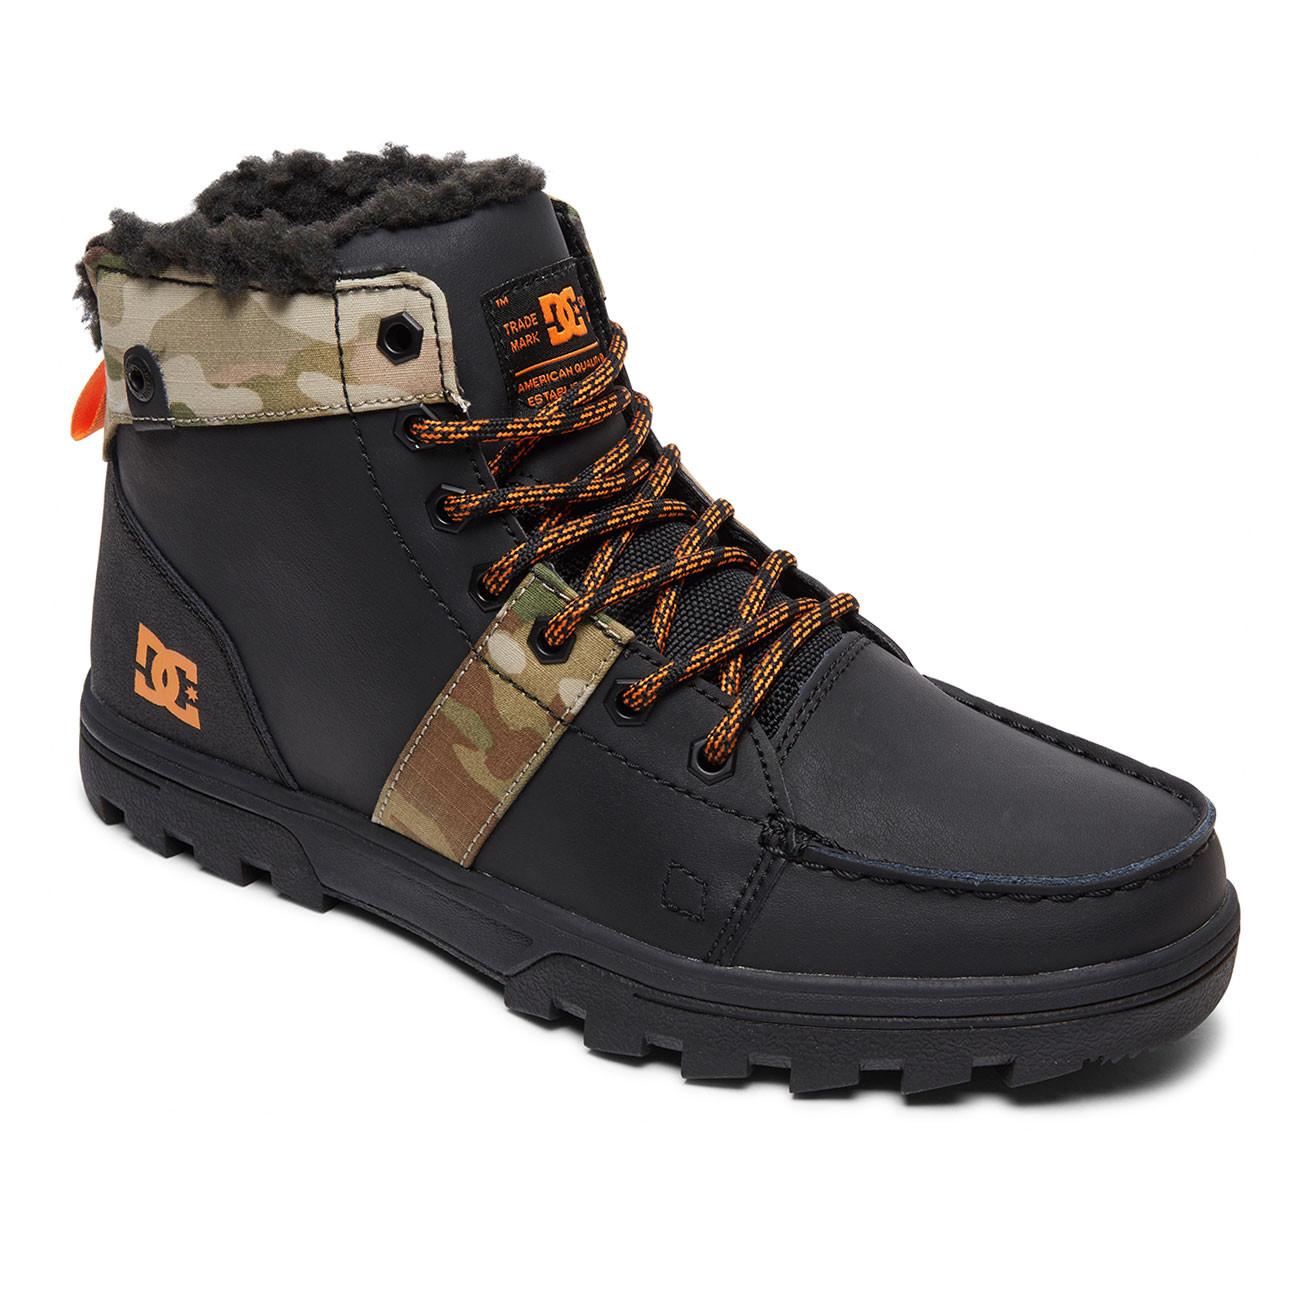 dc1b5b0e9 Zimné topánky DC Woodland black/multi   Snowboard Zezula